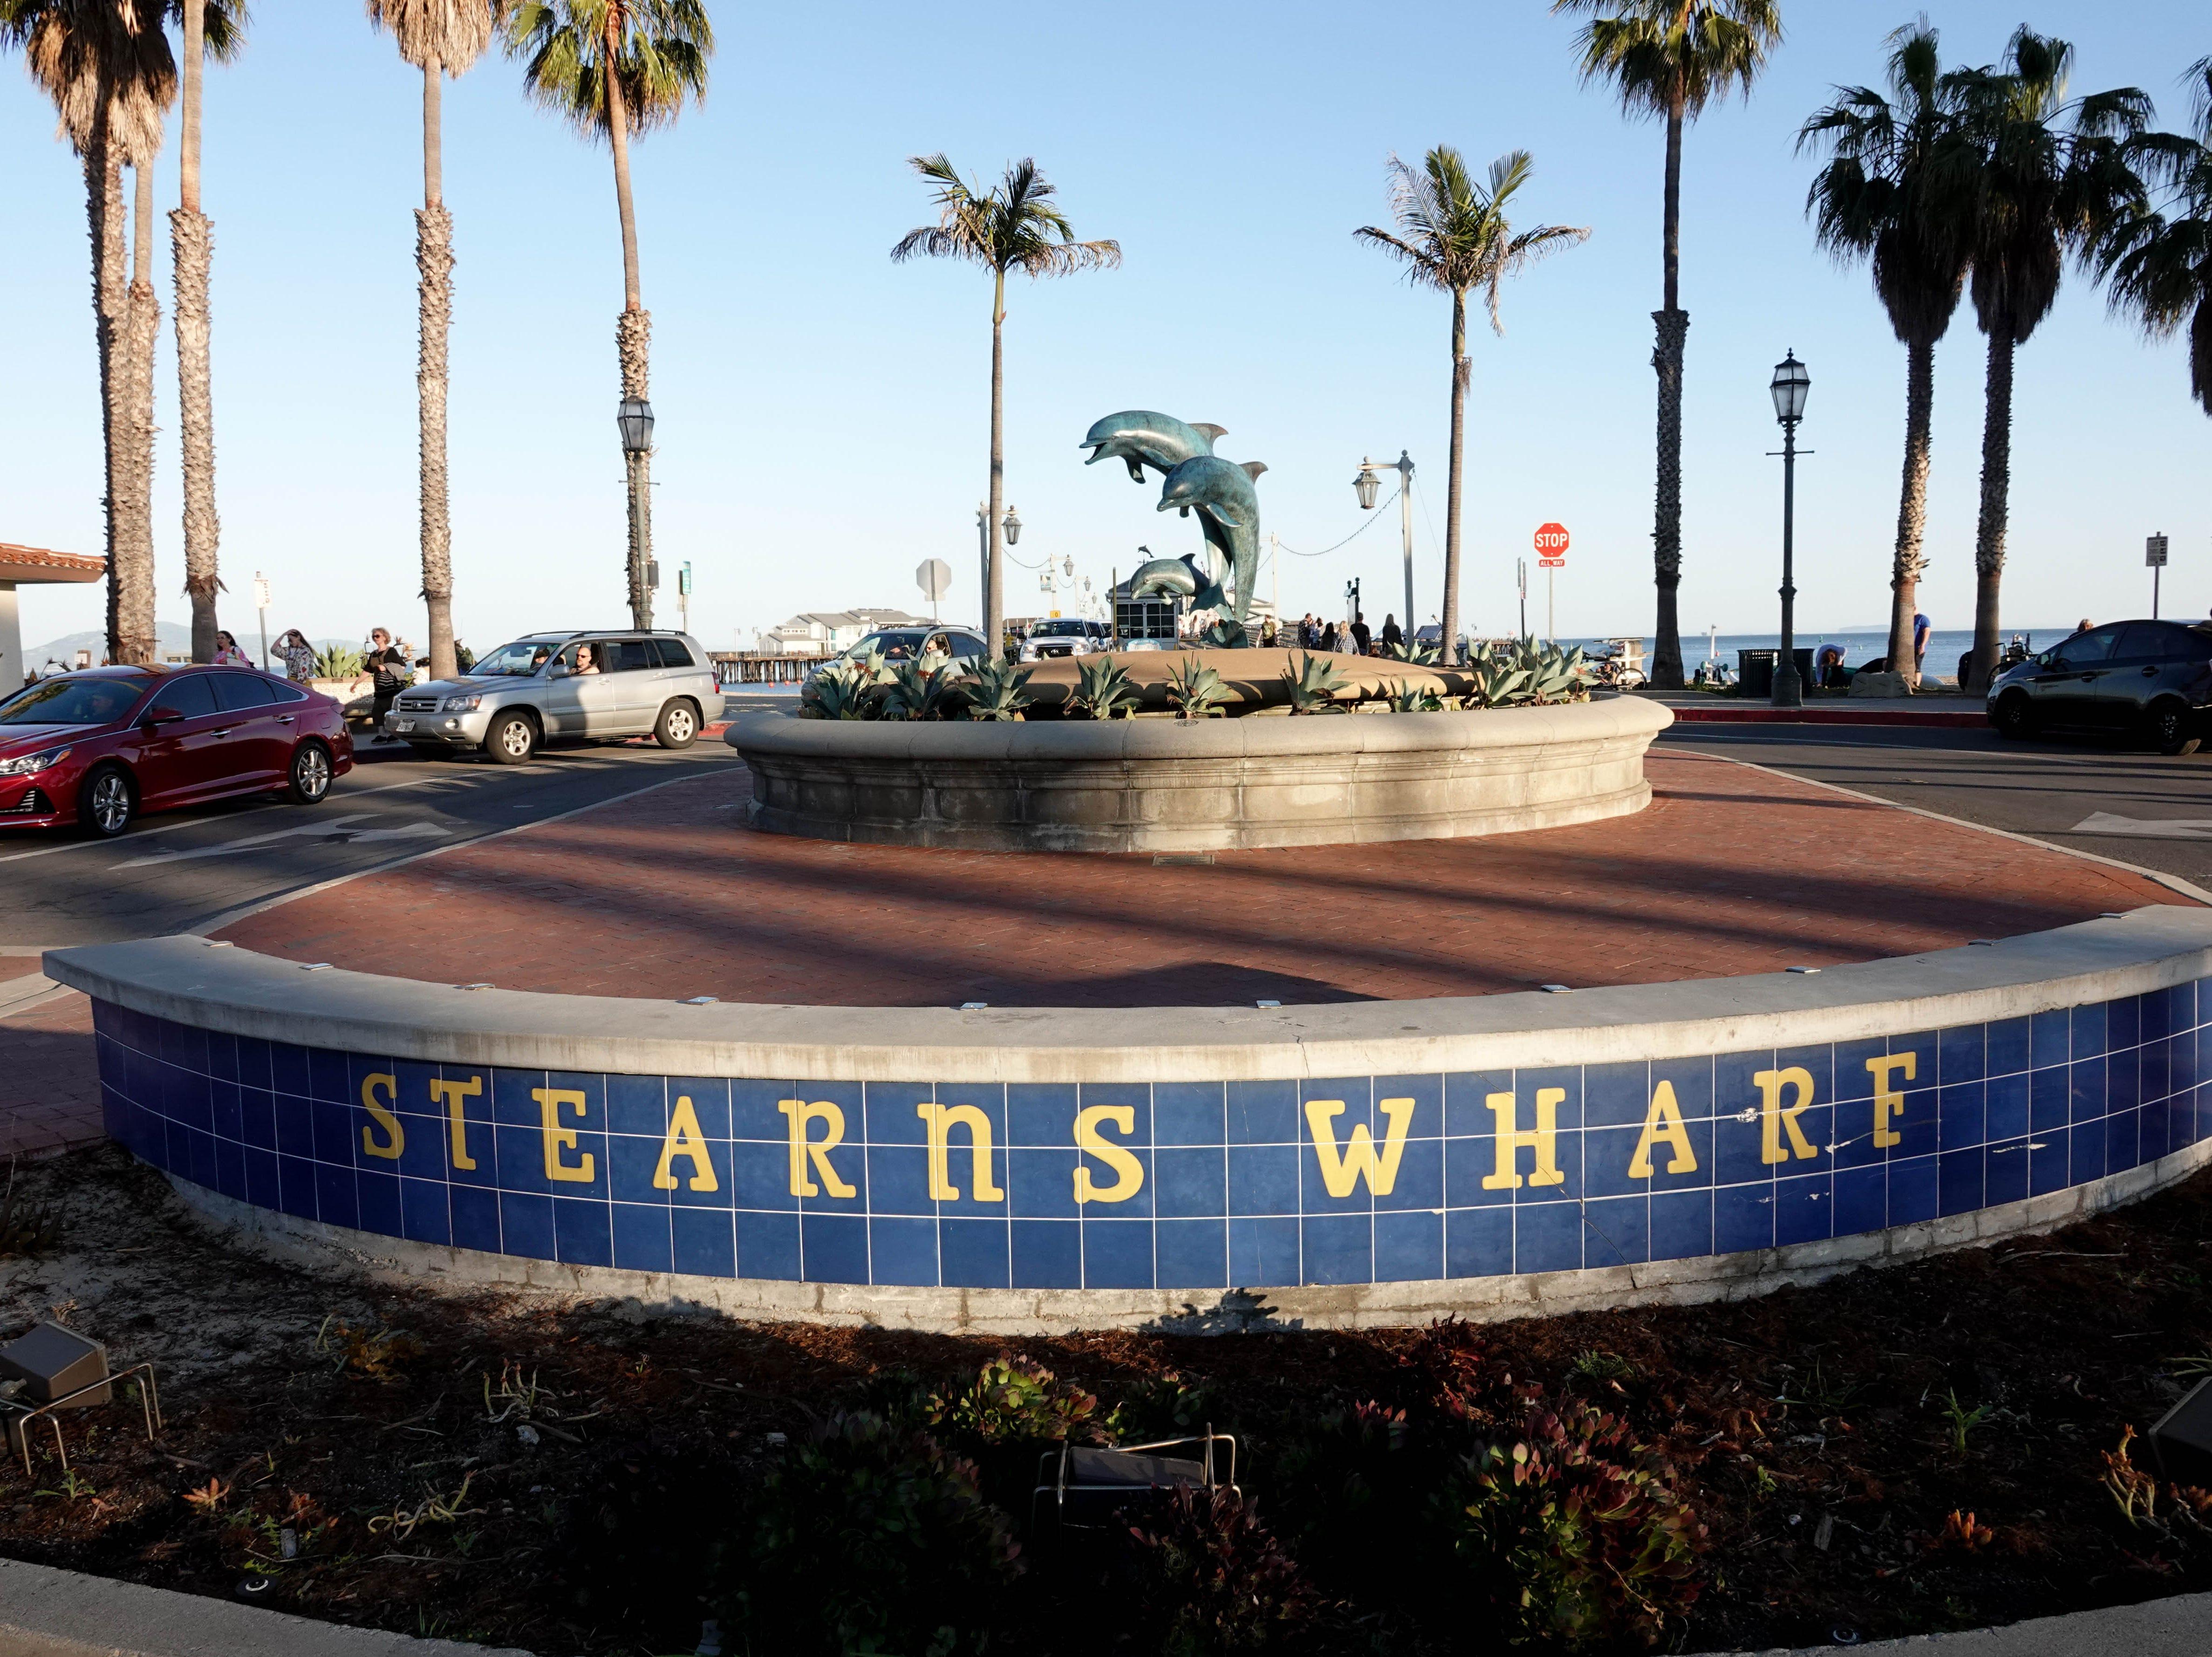 Stearns Wharf.